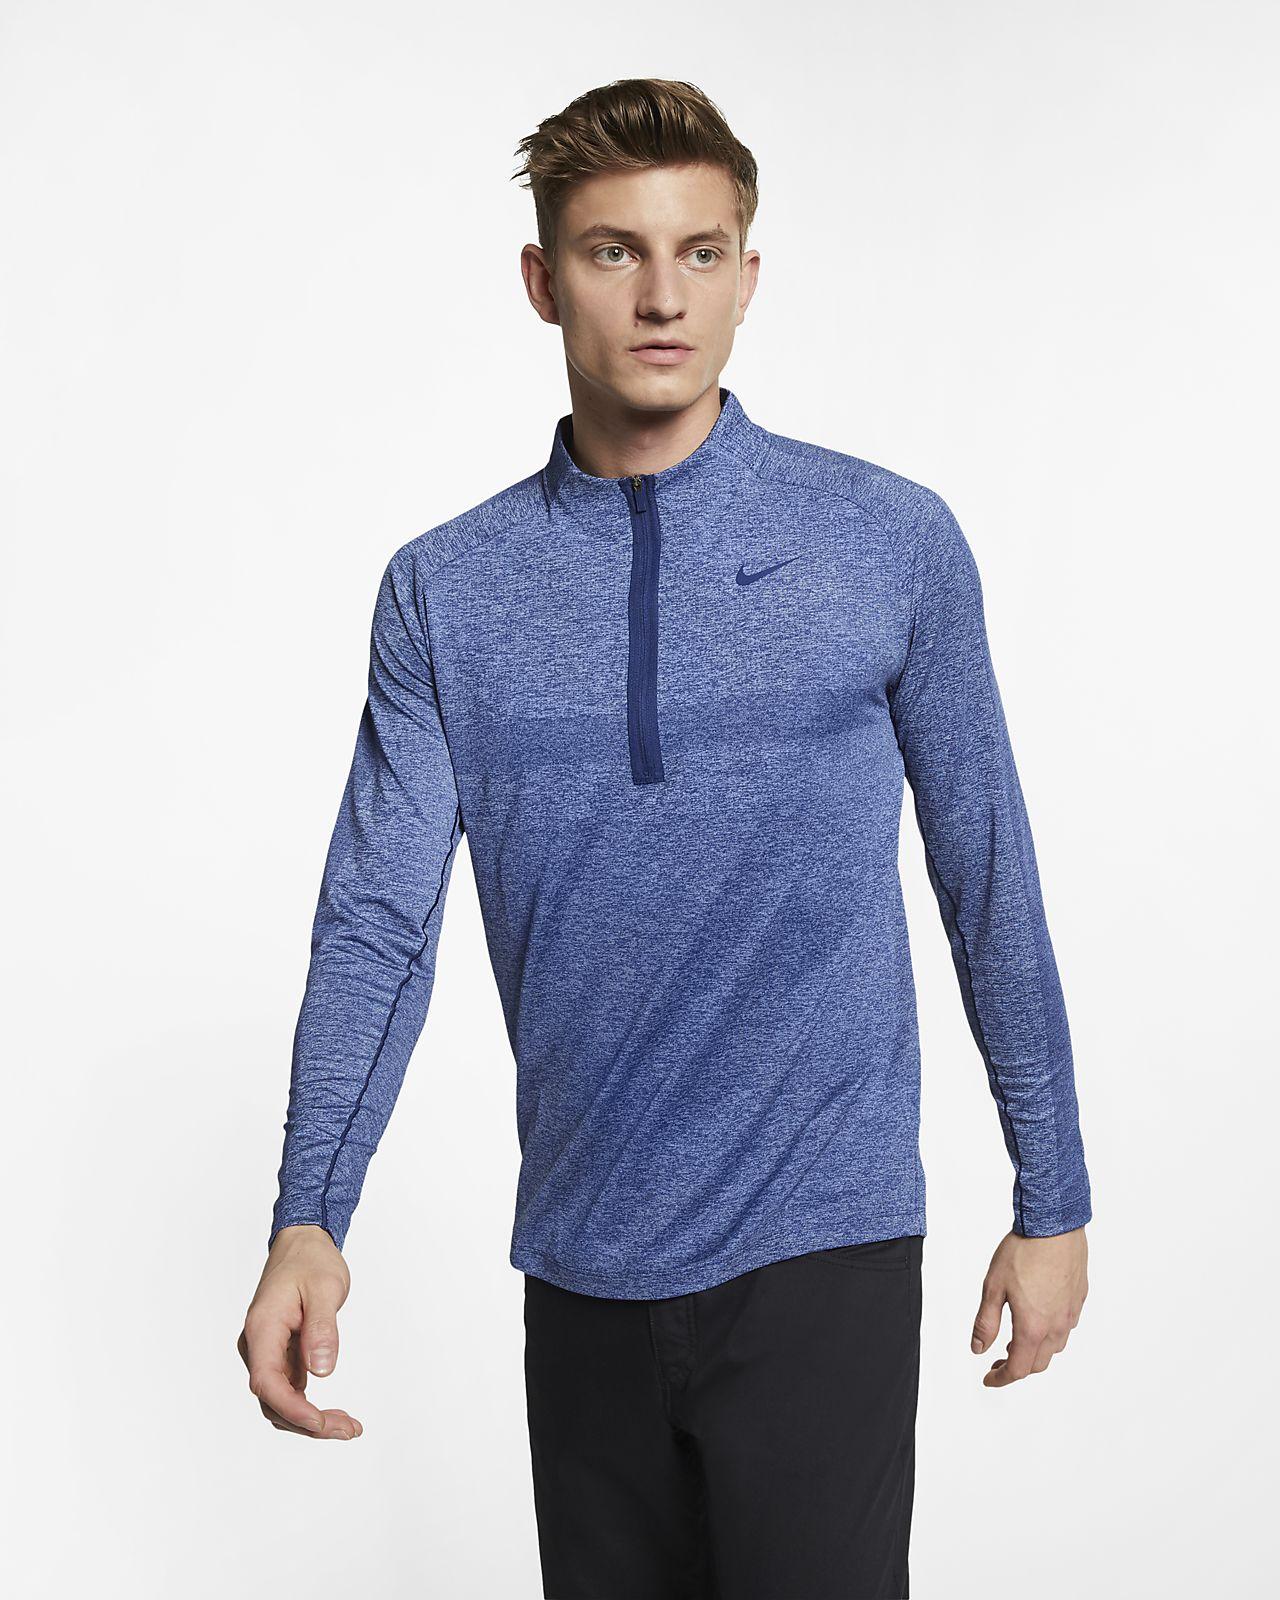 Nike Dri-FIT Herren-Golfoberteil mit Halbreißverschluss